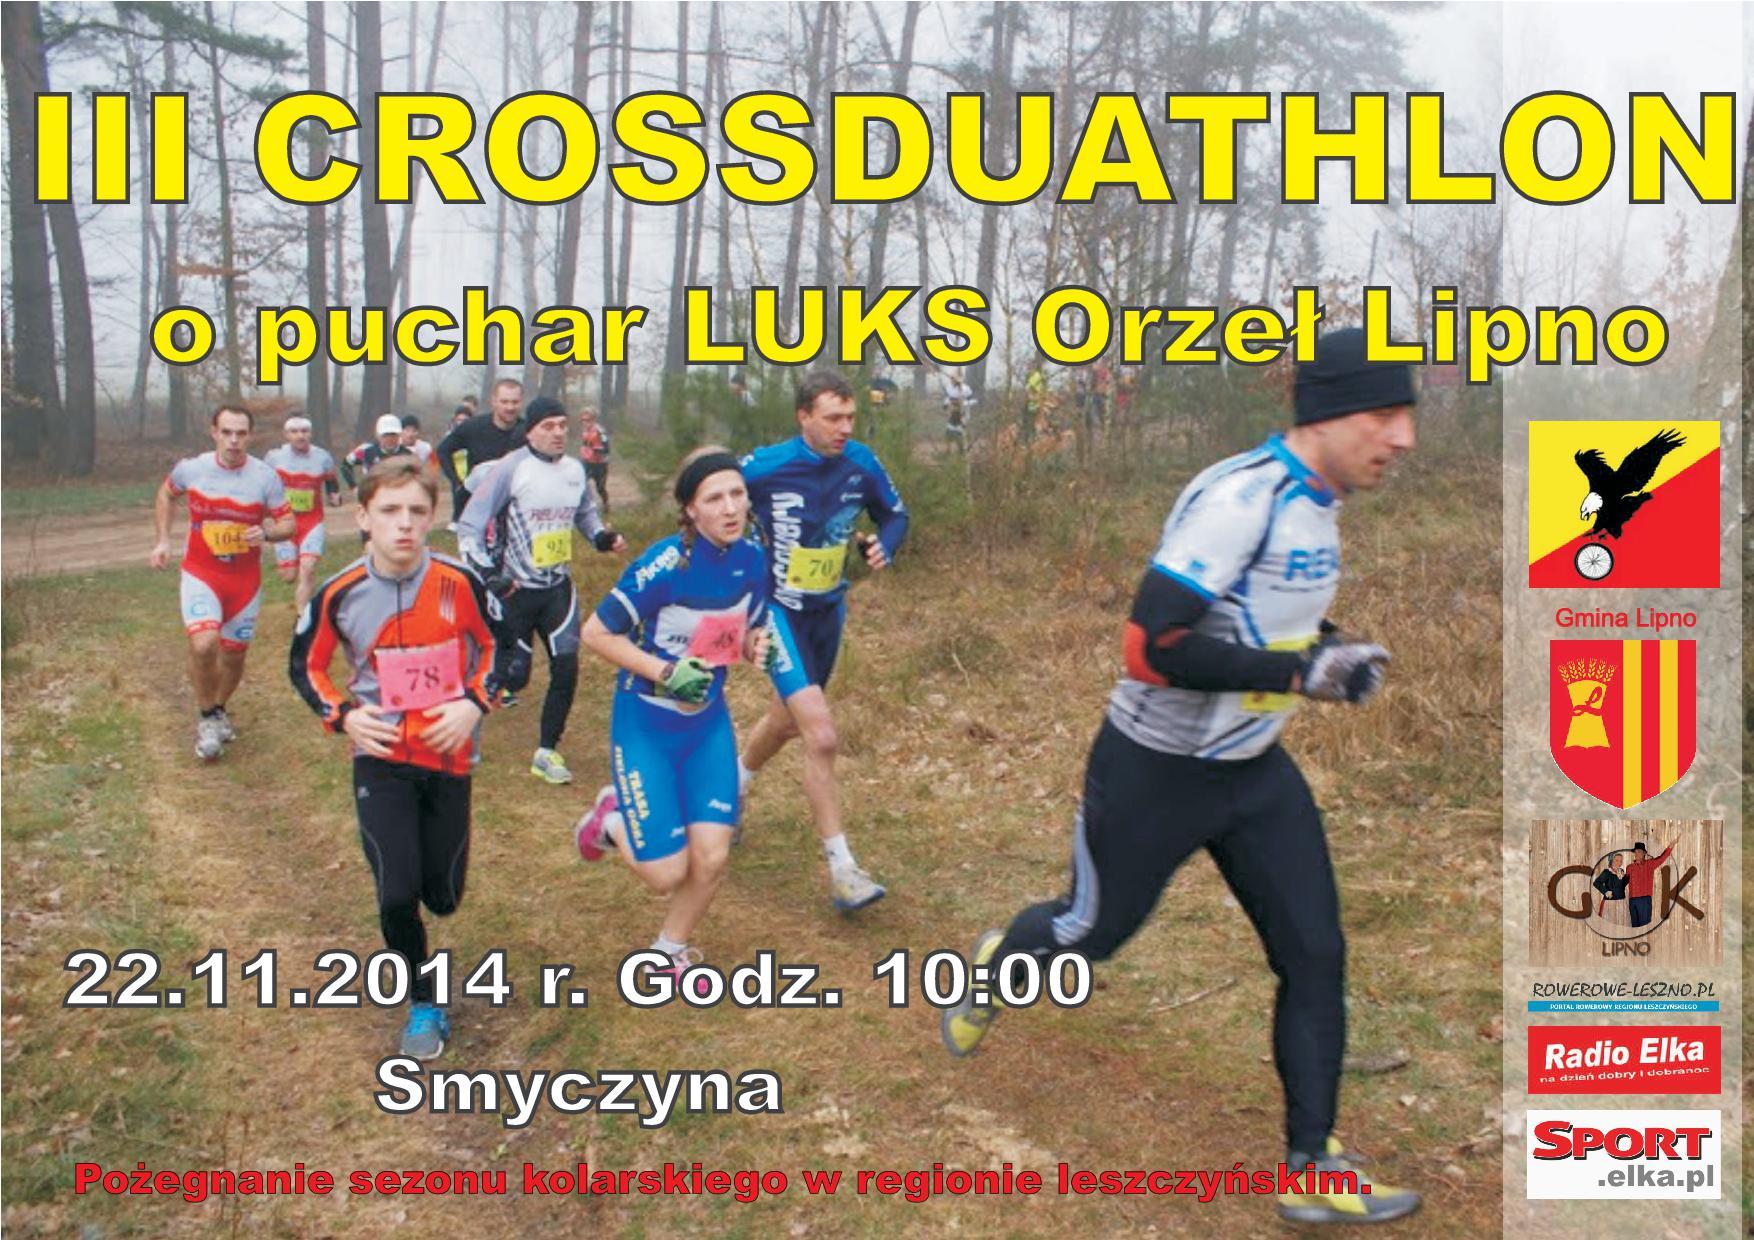 III Crossduathlon